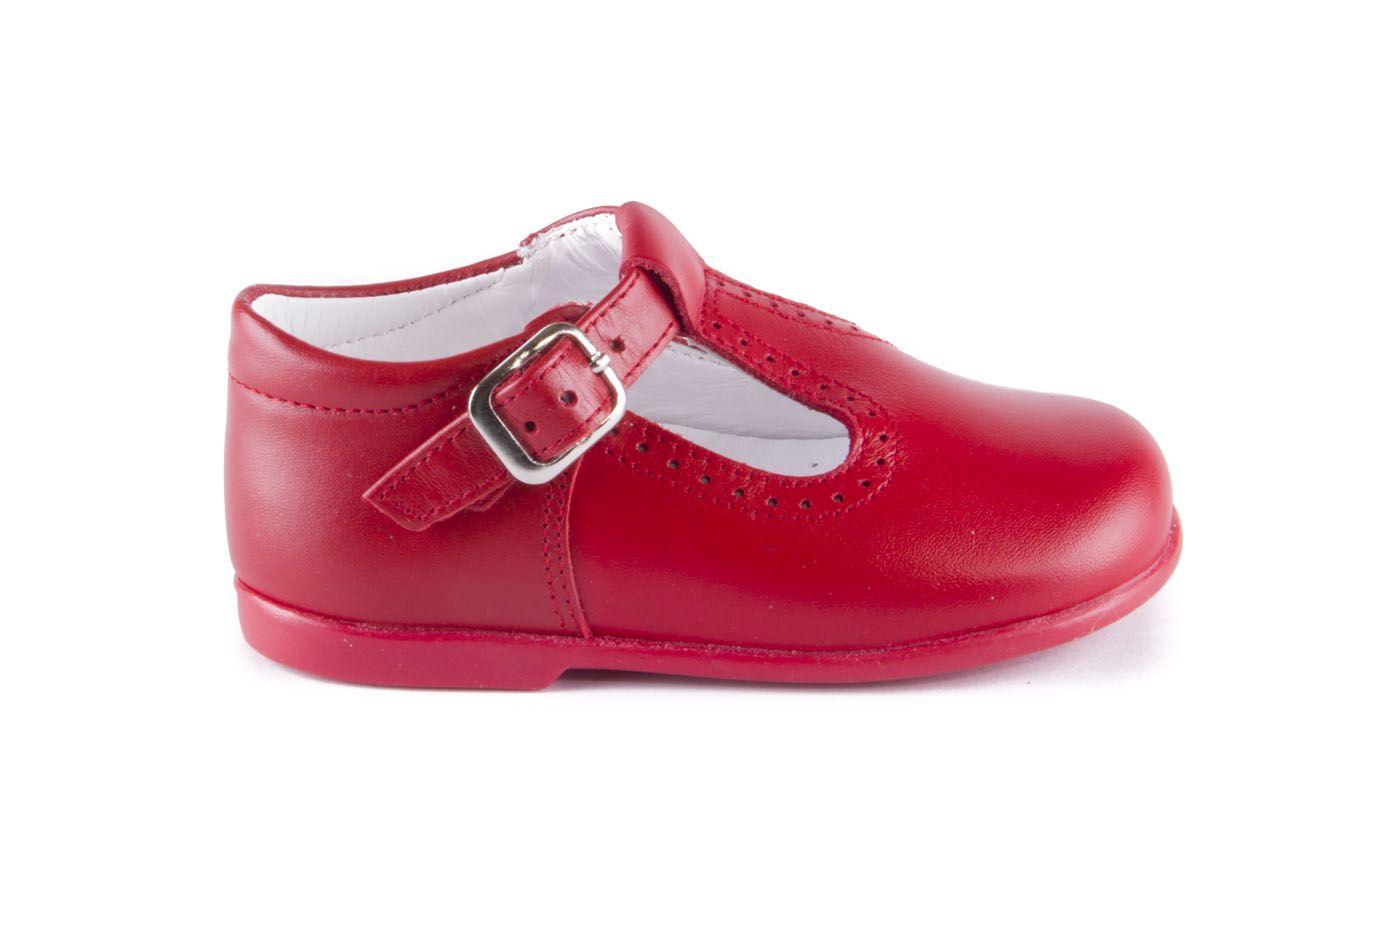 d98cb09088b Comprar zapato tipo PREANDANTE NIÑO estilo SANDALIA INGLESA COLOR ...